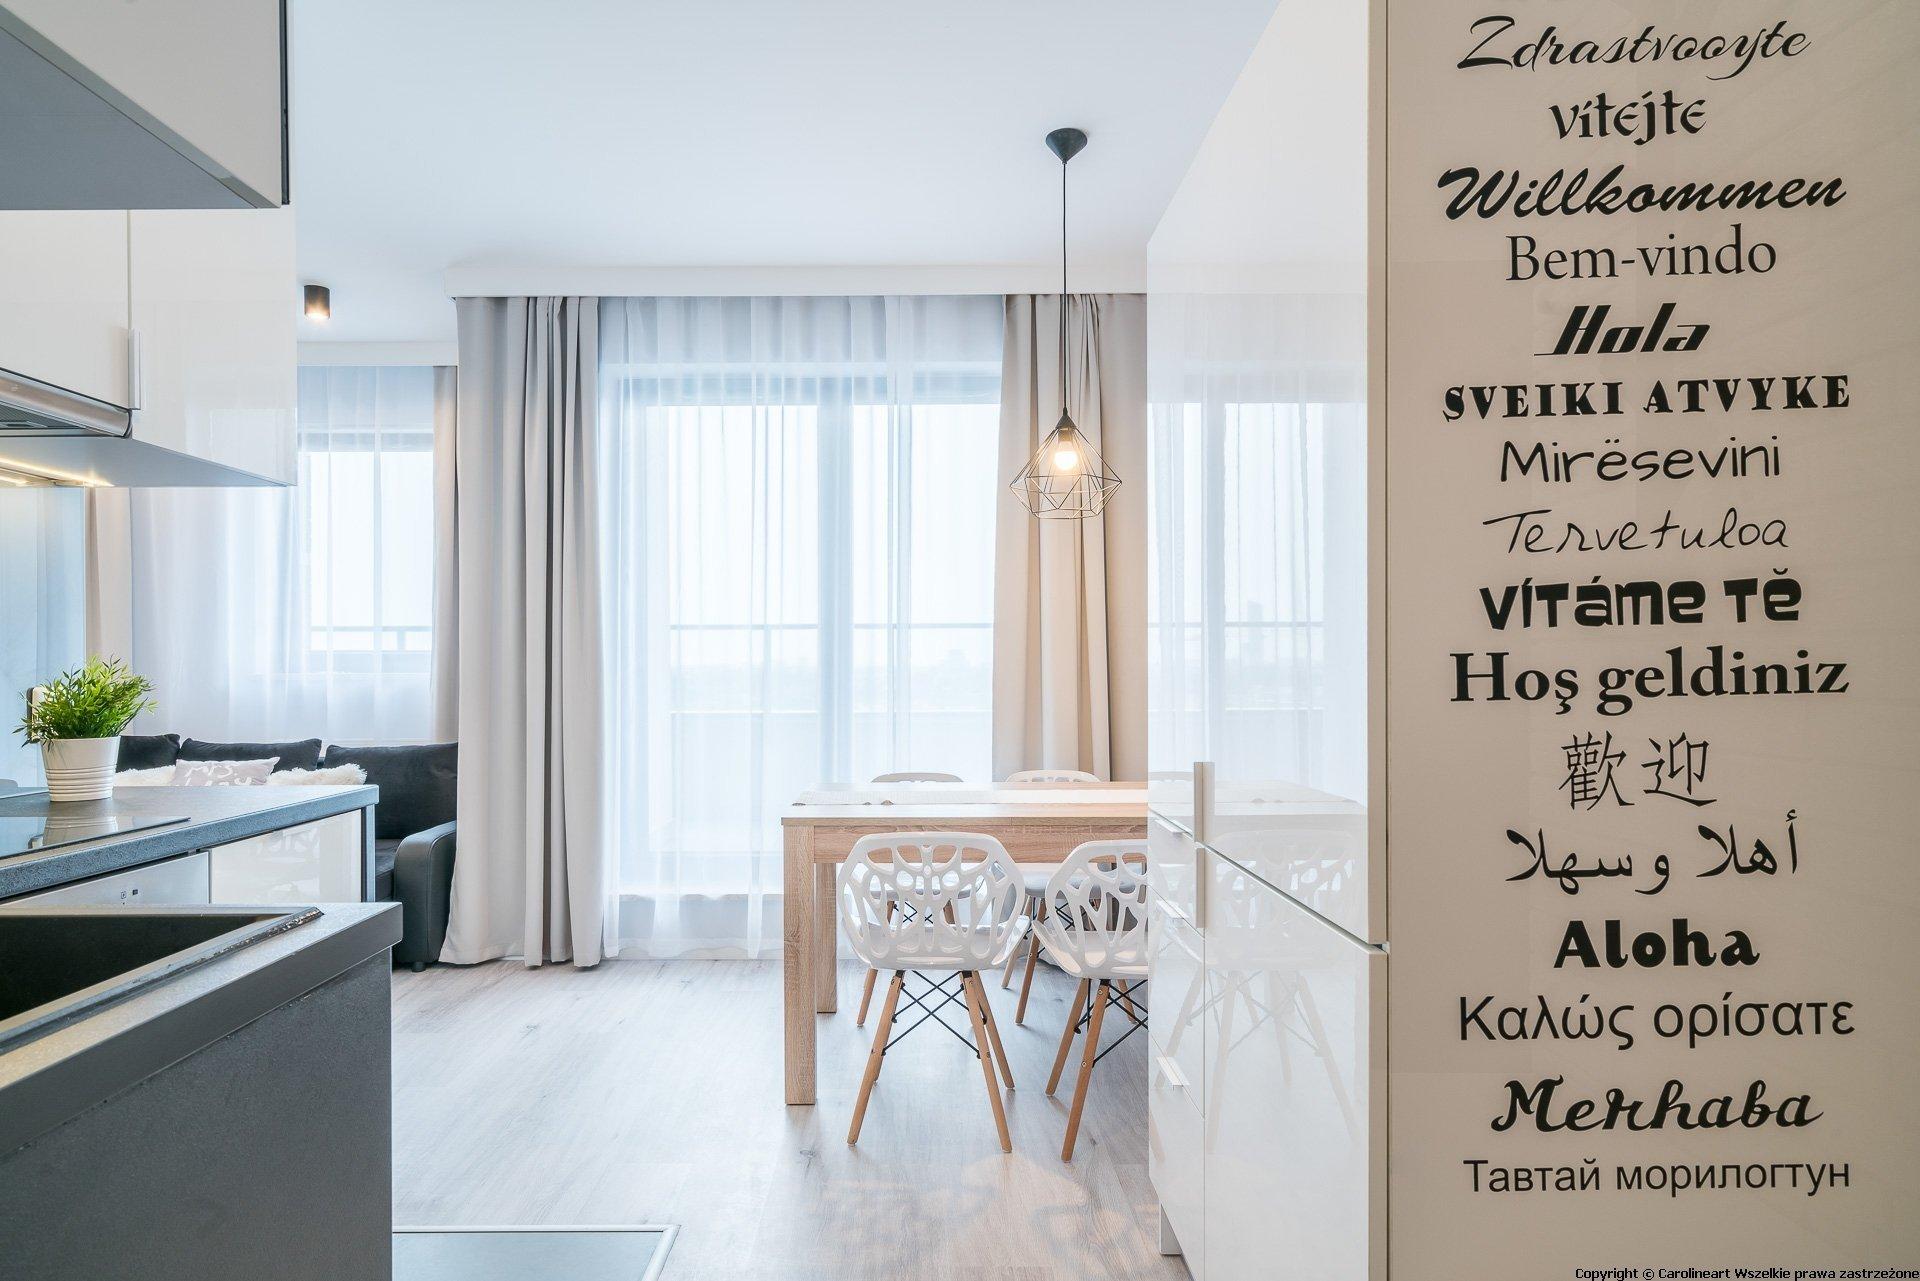 Malé byty jsou mezi mladými lidmi velkým trendem, jsou nenáročné na úklid, cenově dostupné, a tak není inspirace na její interiér nikdy dost. Dnešní inspirací je světlý interiér s malou kuchyňkou a velmi jednoduchým vybavením.